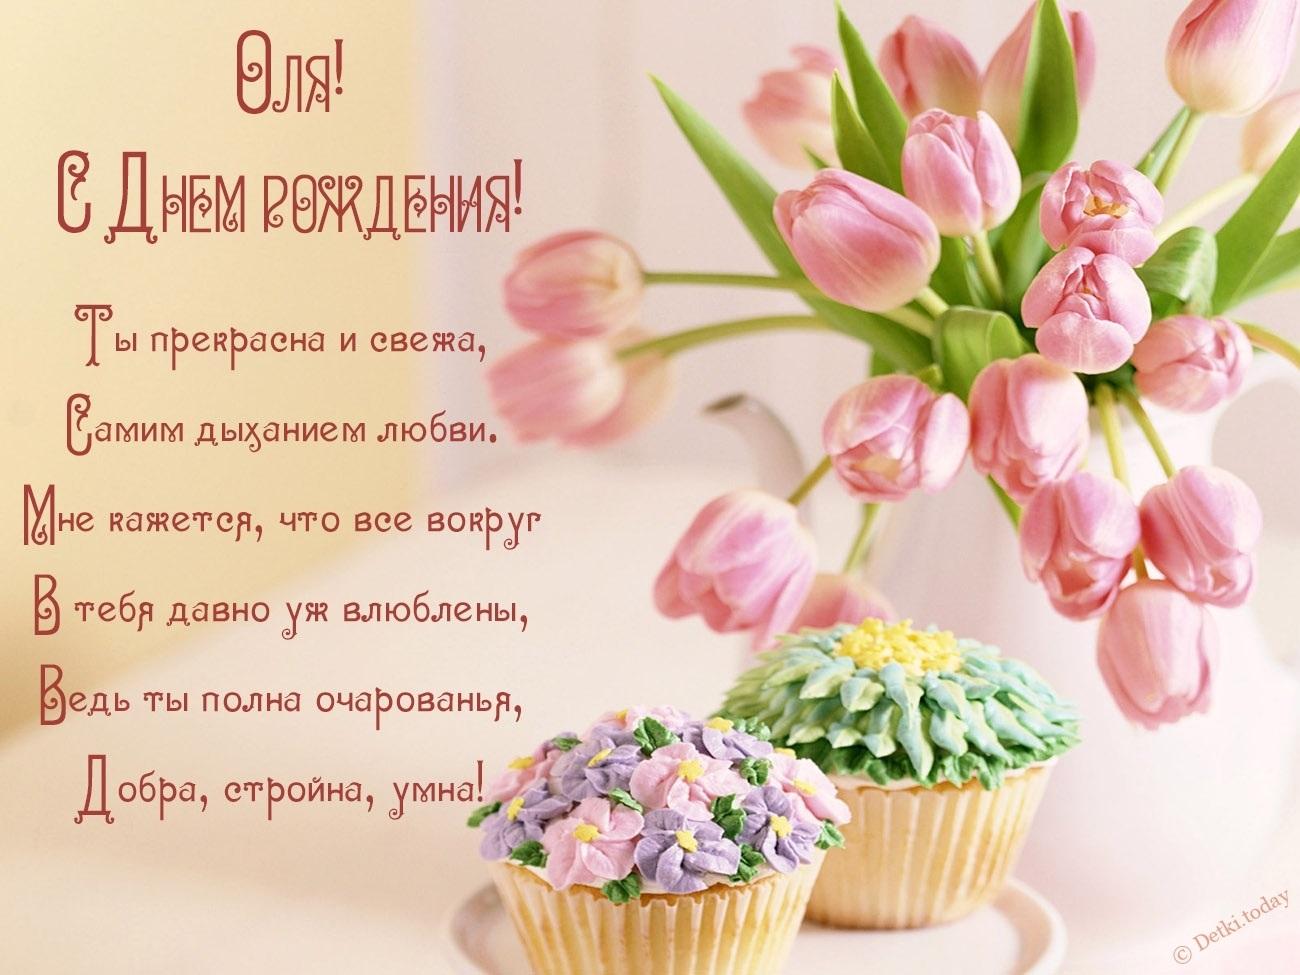 С днем рождения картинки девушке Ольге016